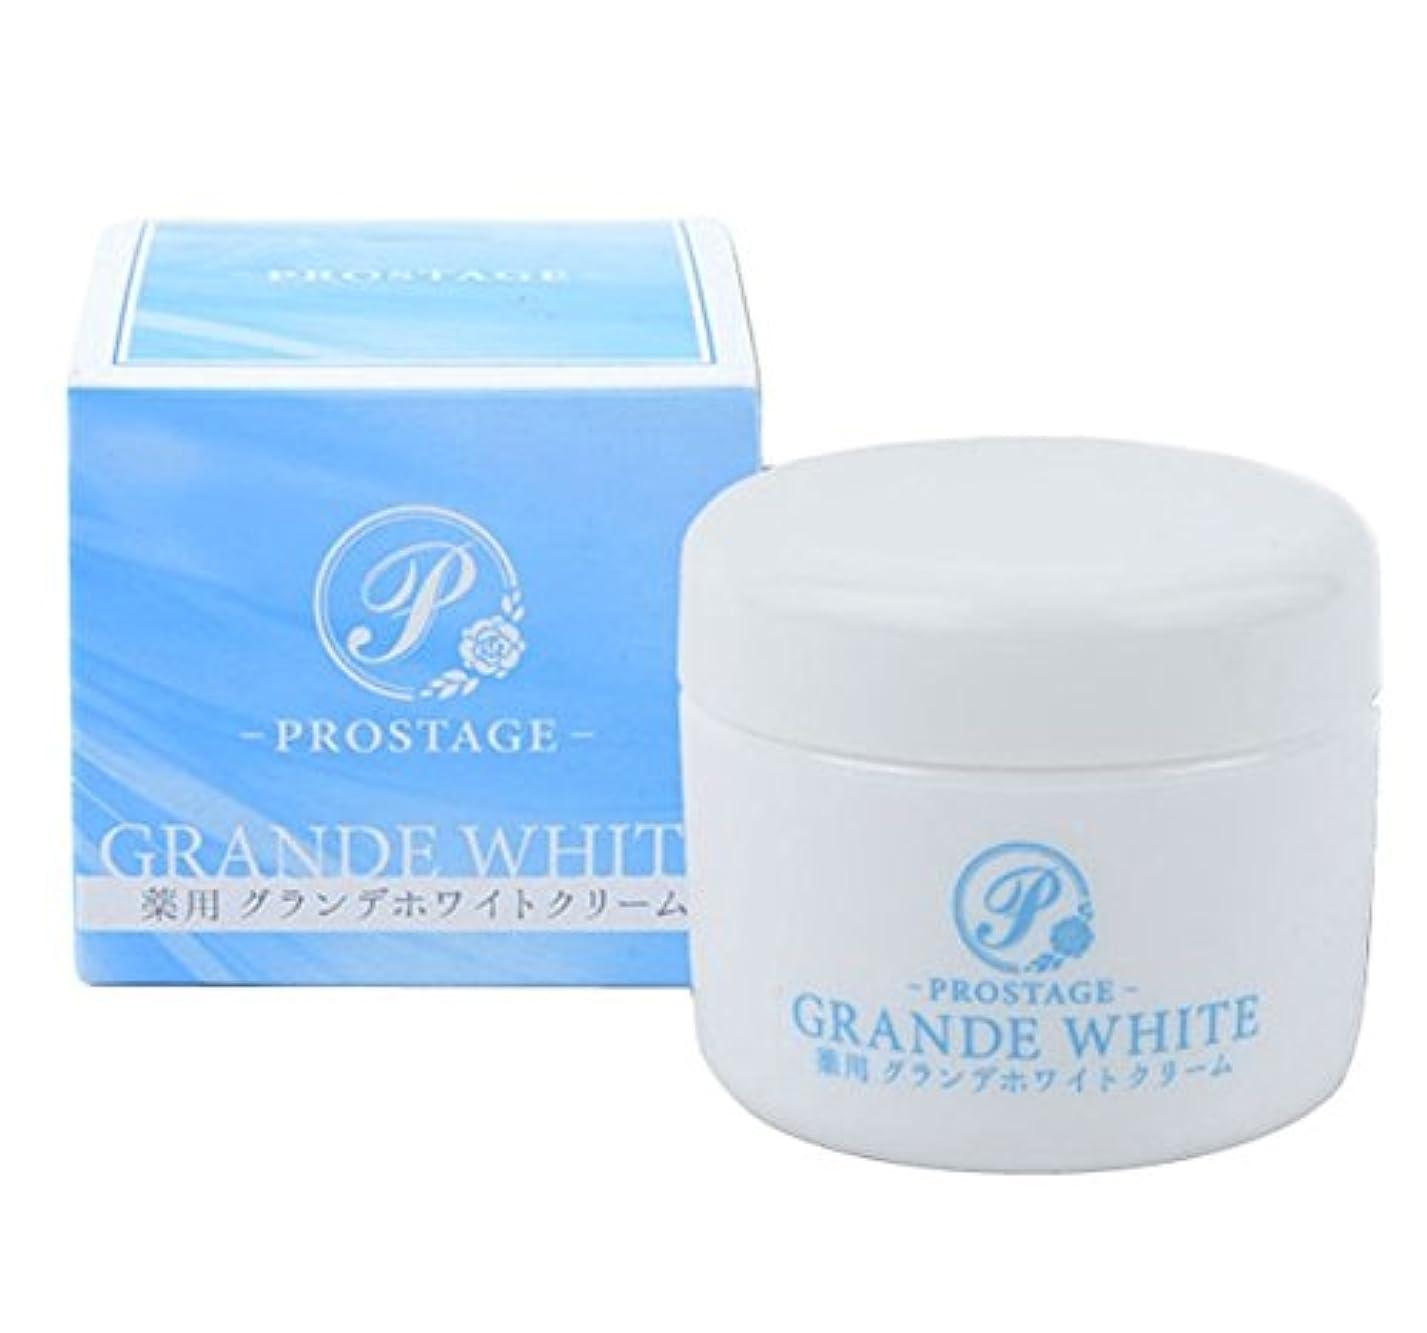 忌み嫌うしてはいけない予約薬用グランデホワイトクリーム PROSTAGE ホワイトニングクリーム 大容量80g (1個)